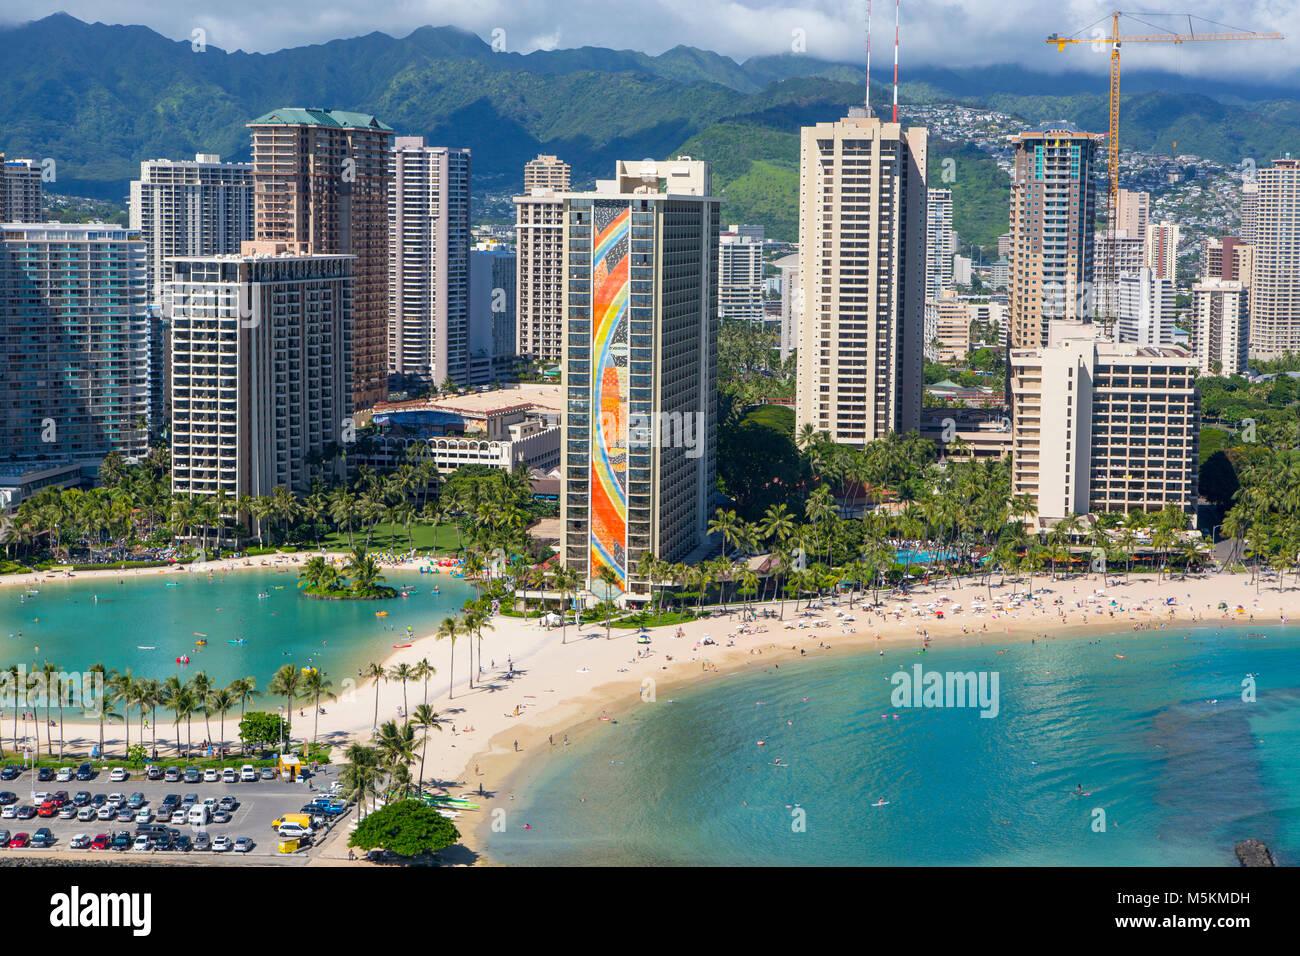 Hilton Hawaiian Village Waikiki Beach Photo Gallery: Hilton Hawaiian Village Stock Photos & Hilton Hawaiian